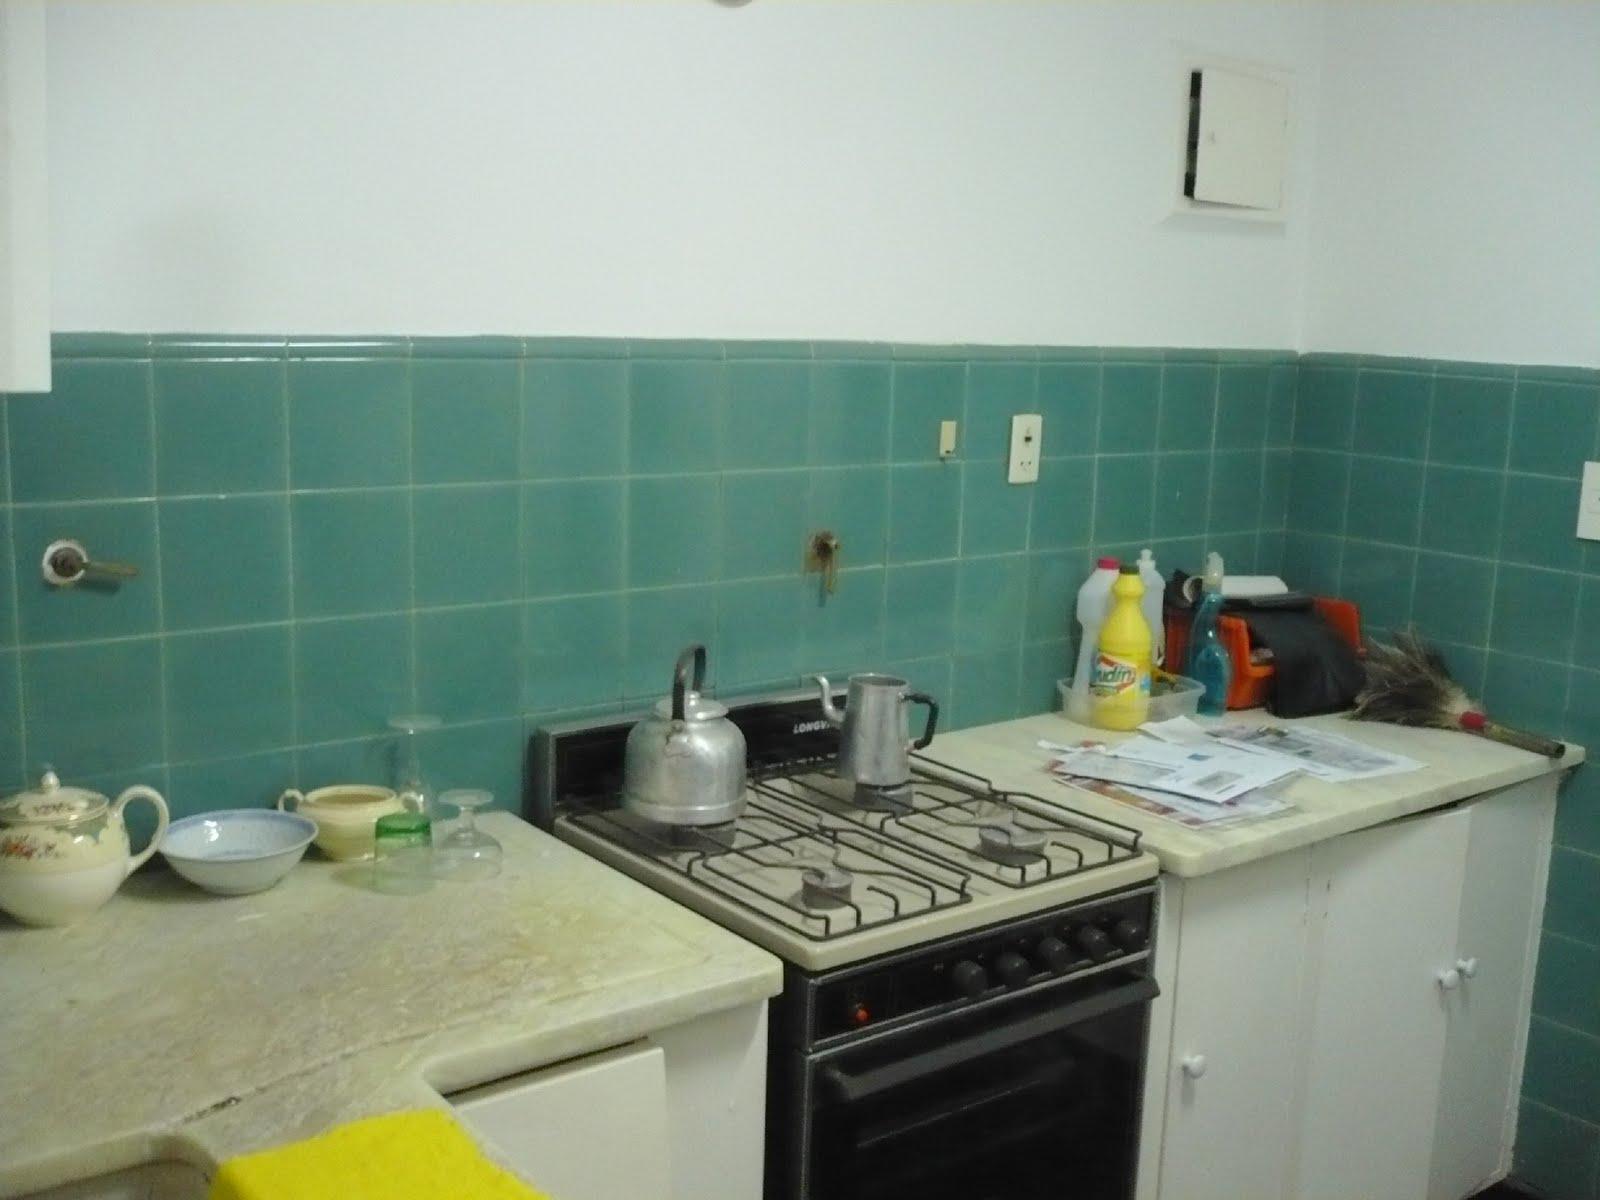 Semipiso en belgrano cocina comedor y lavadero for Lavadero cocina